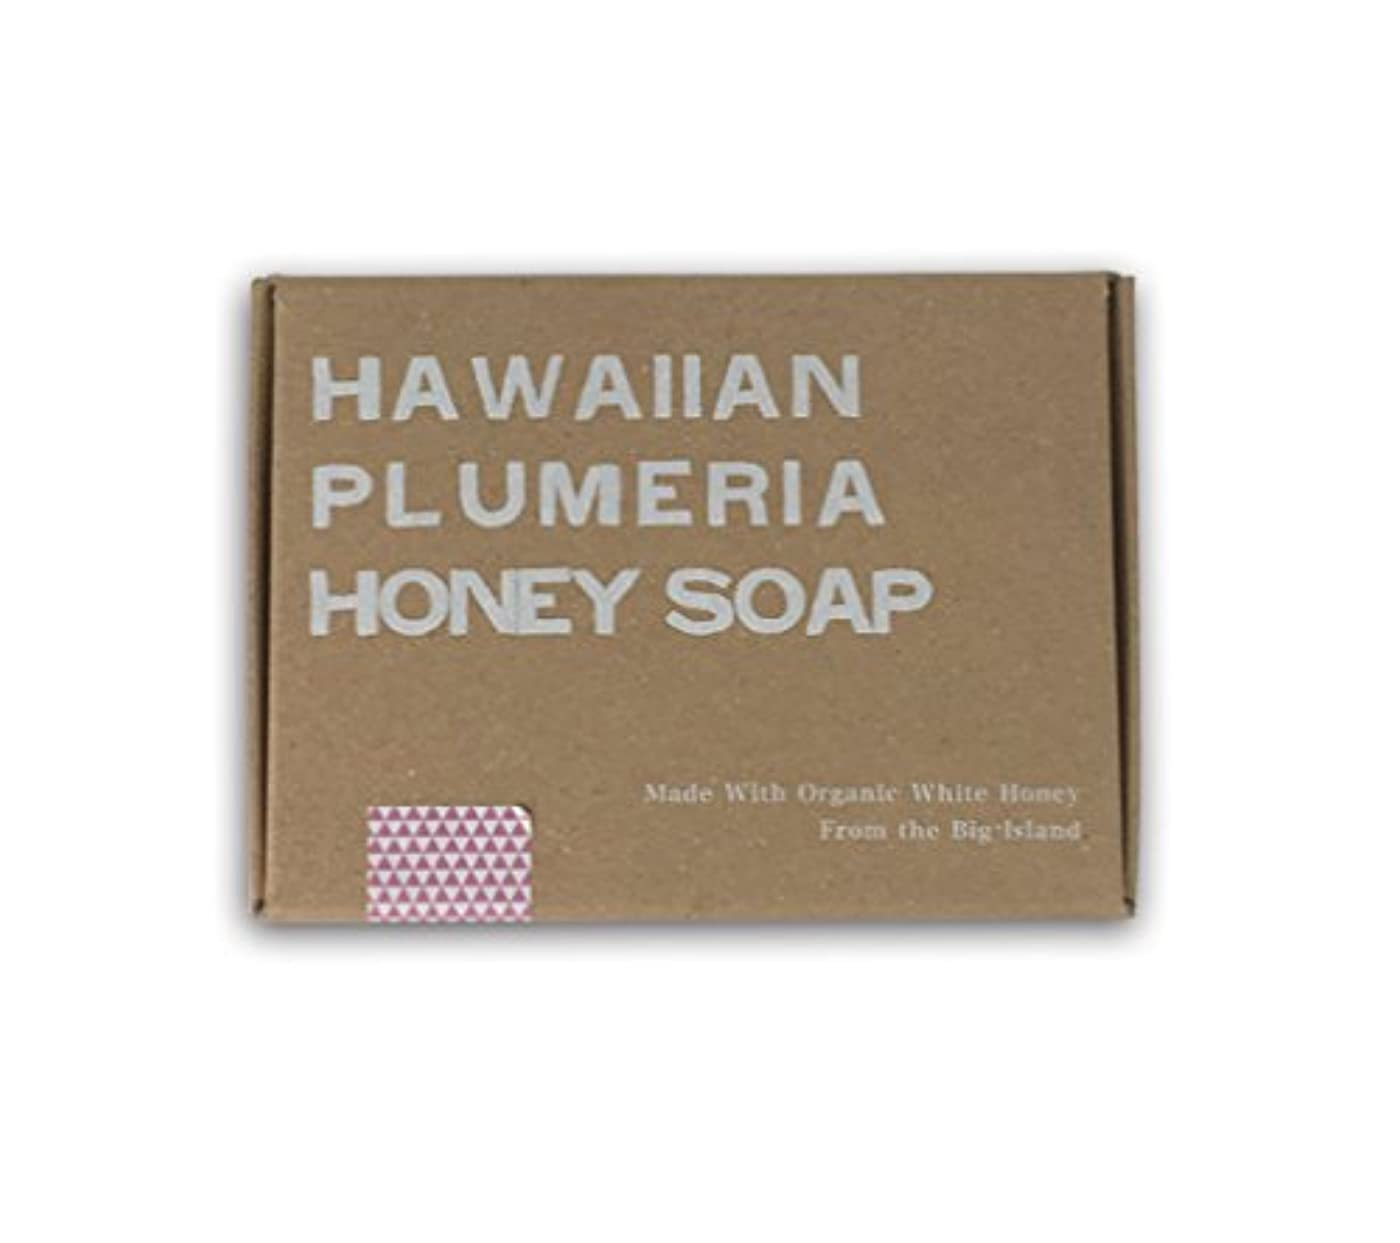 通り抜けるゴミ箱を空にする説得ホワイトハニーオーガニクス ハワイアン?プルメリア?ハニーソープ (Hawaiian Plumeria Honey Soap)